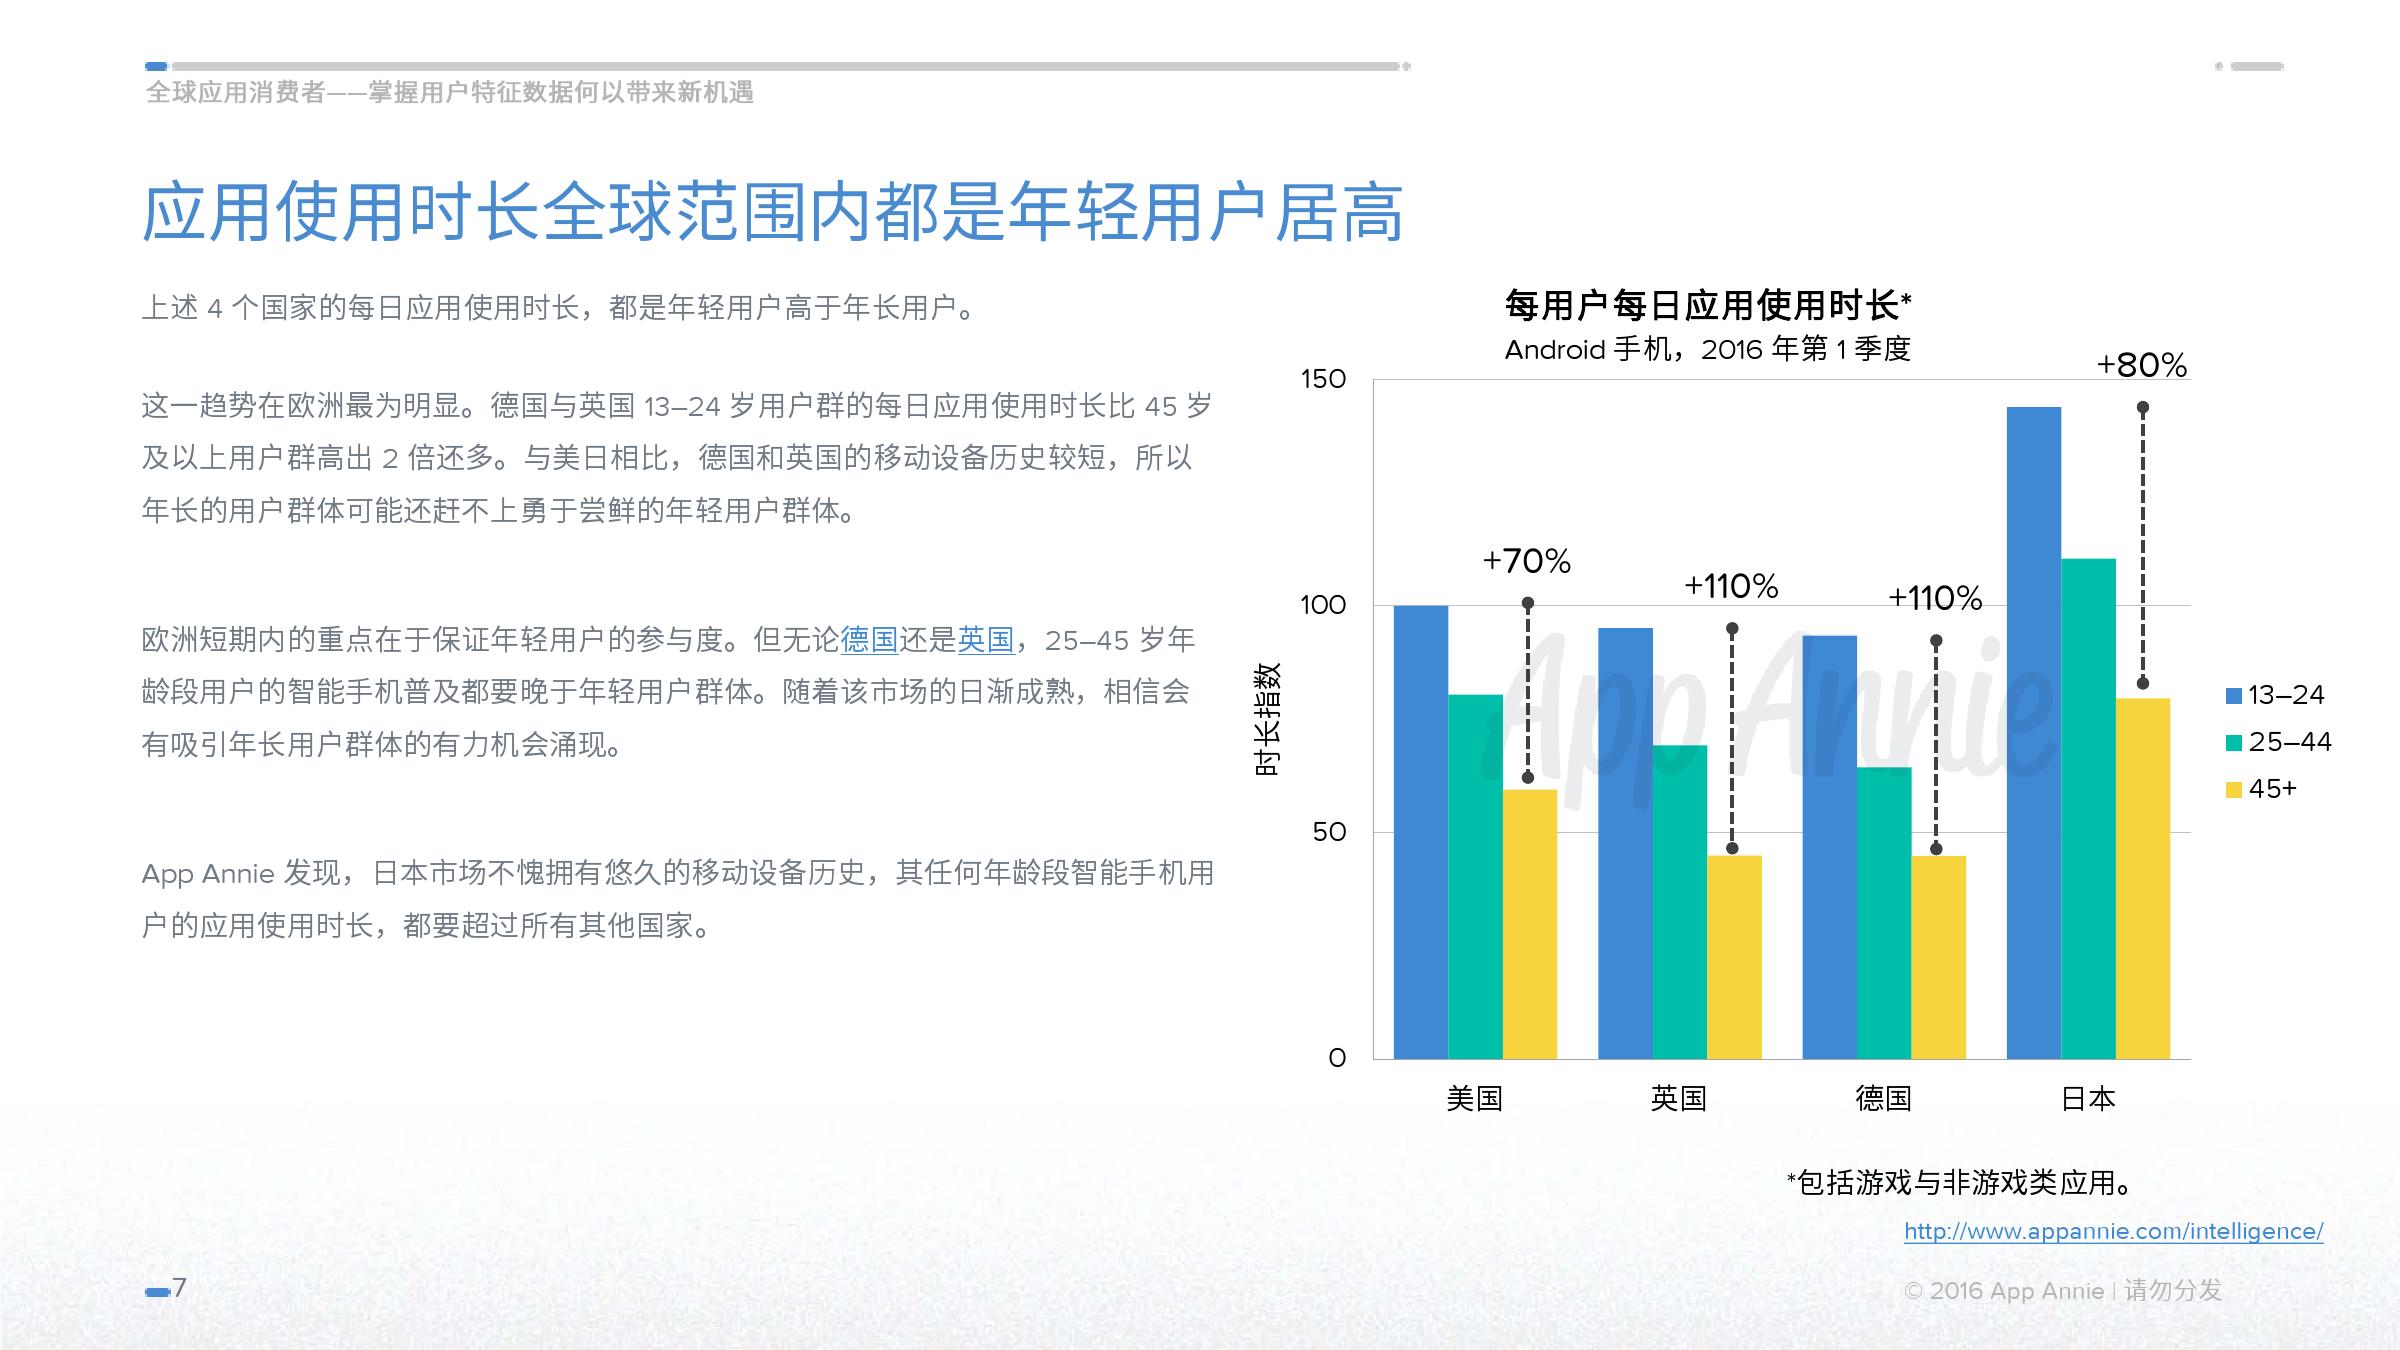 The-Global-App-Consumer-Understanding-Demographics-June-2016_CN_000007